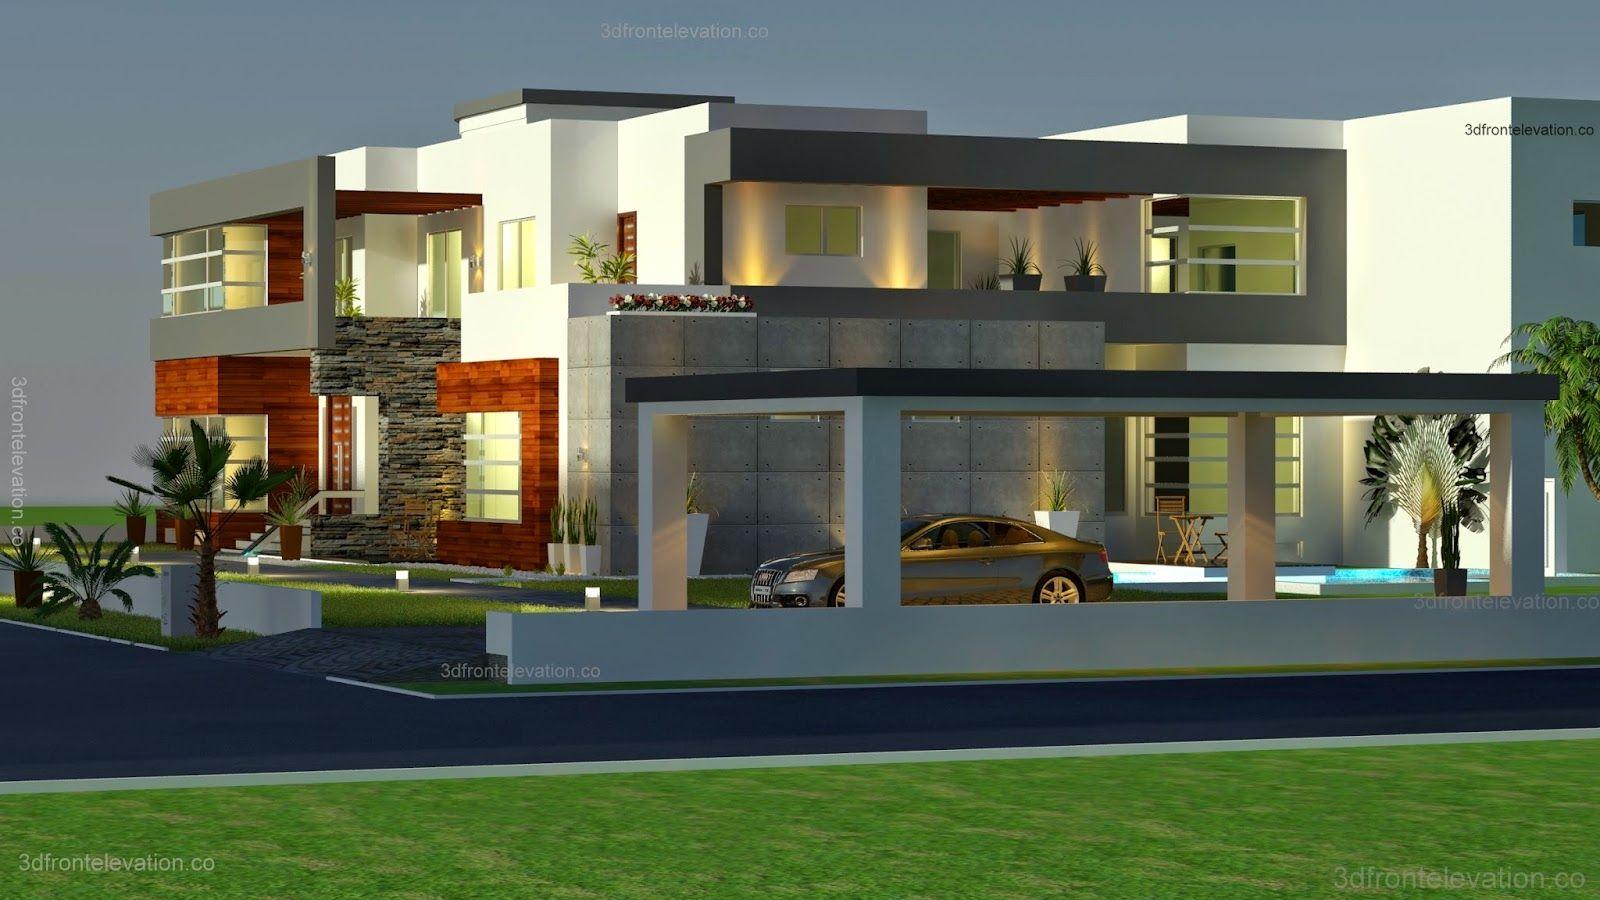 واجهات منازل عصرية تصاميم حديثة أفخم واجهات3d تصميم بيوت معاصرة اجمل التصامي Modern Contemporary House Plans Contemporary House Design Contemporary House Plans